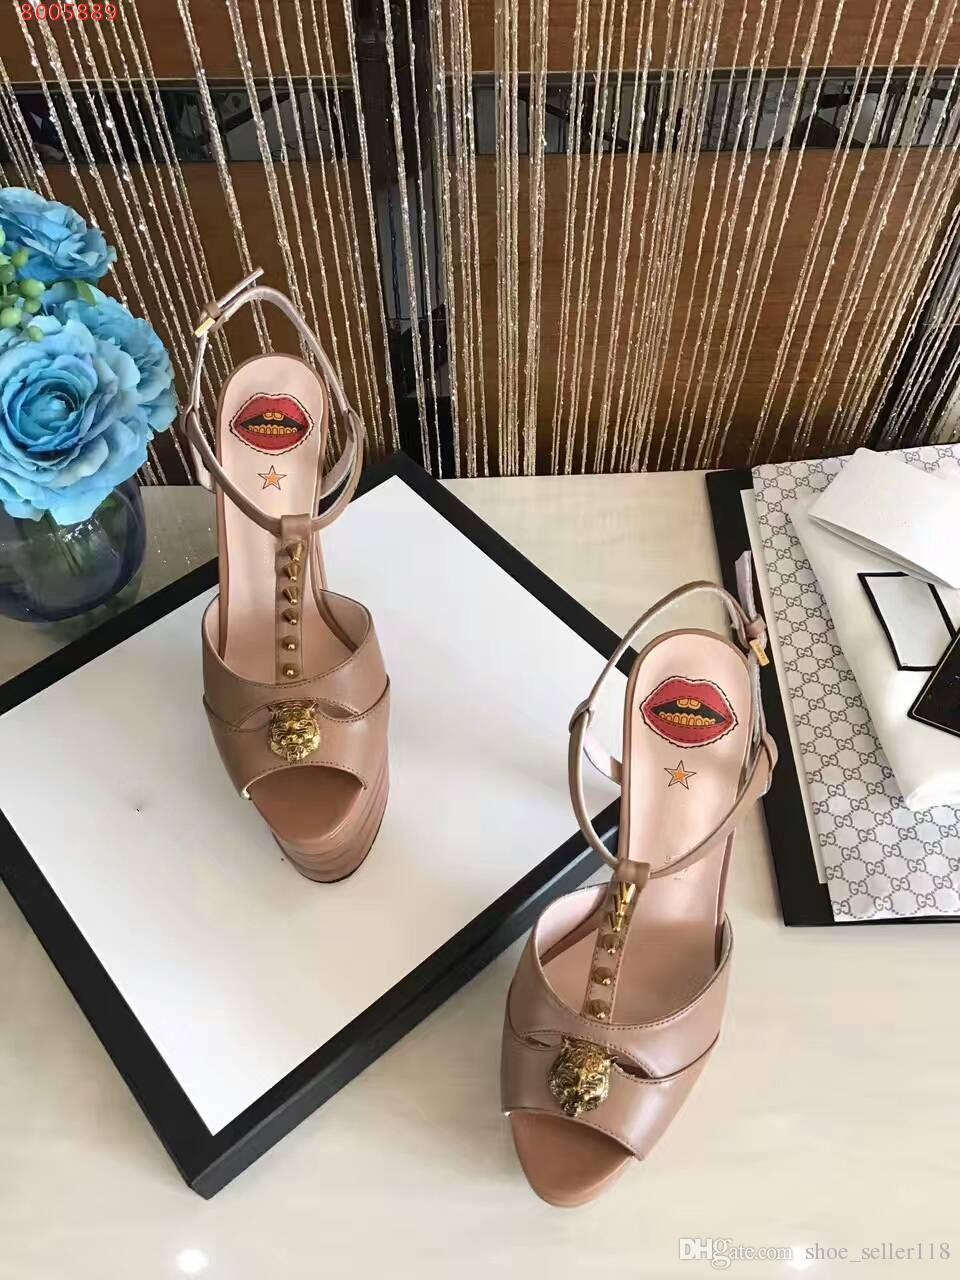 b650c9d3c Compre Moda De Verano Plataforma De Cuero Bomba Marca De Lujo Italia Diseño  T Correa De Tacones Altos Labios Sexy Cabeza Felina Vestido Zapatos  Stilettos De ...